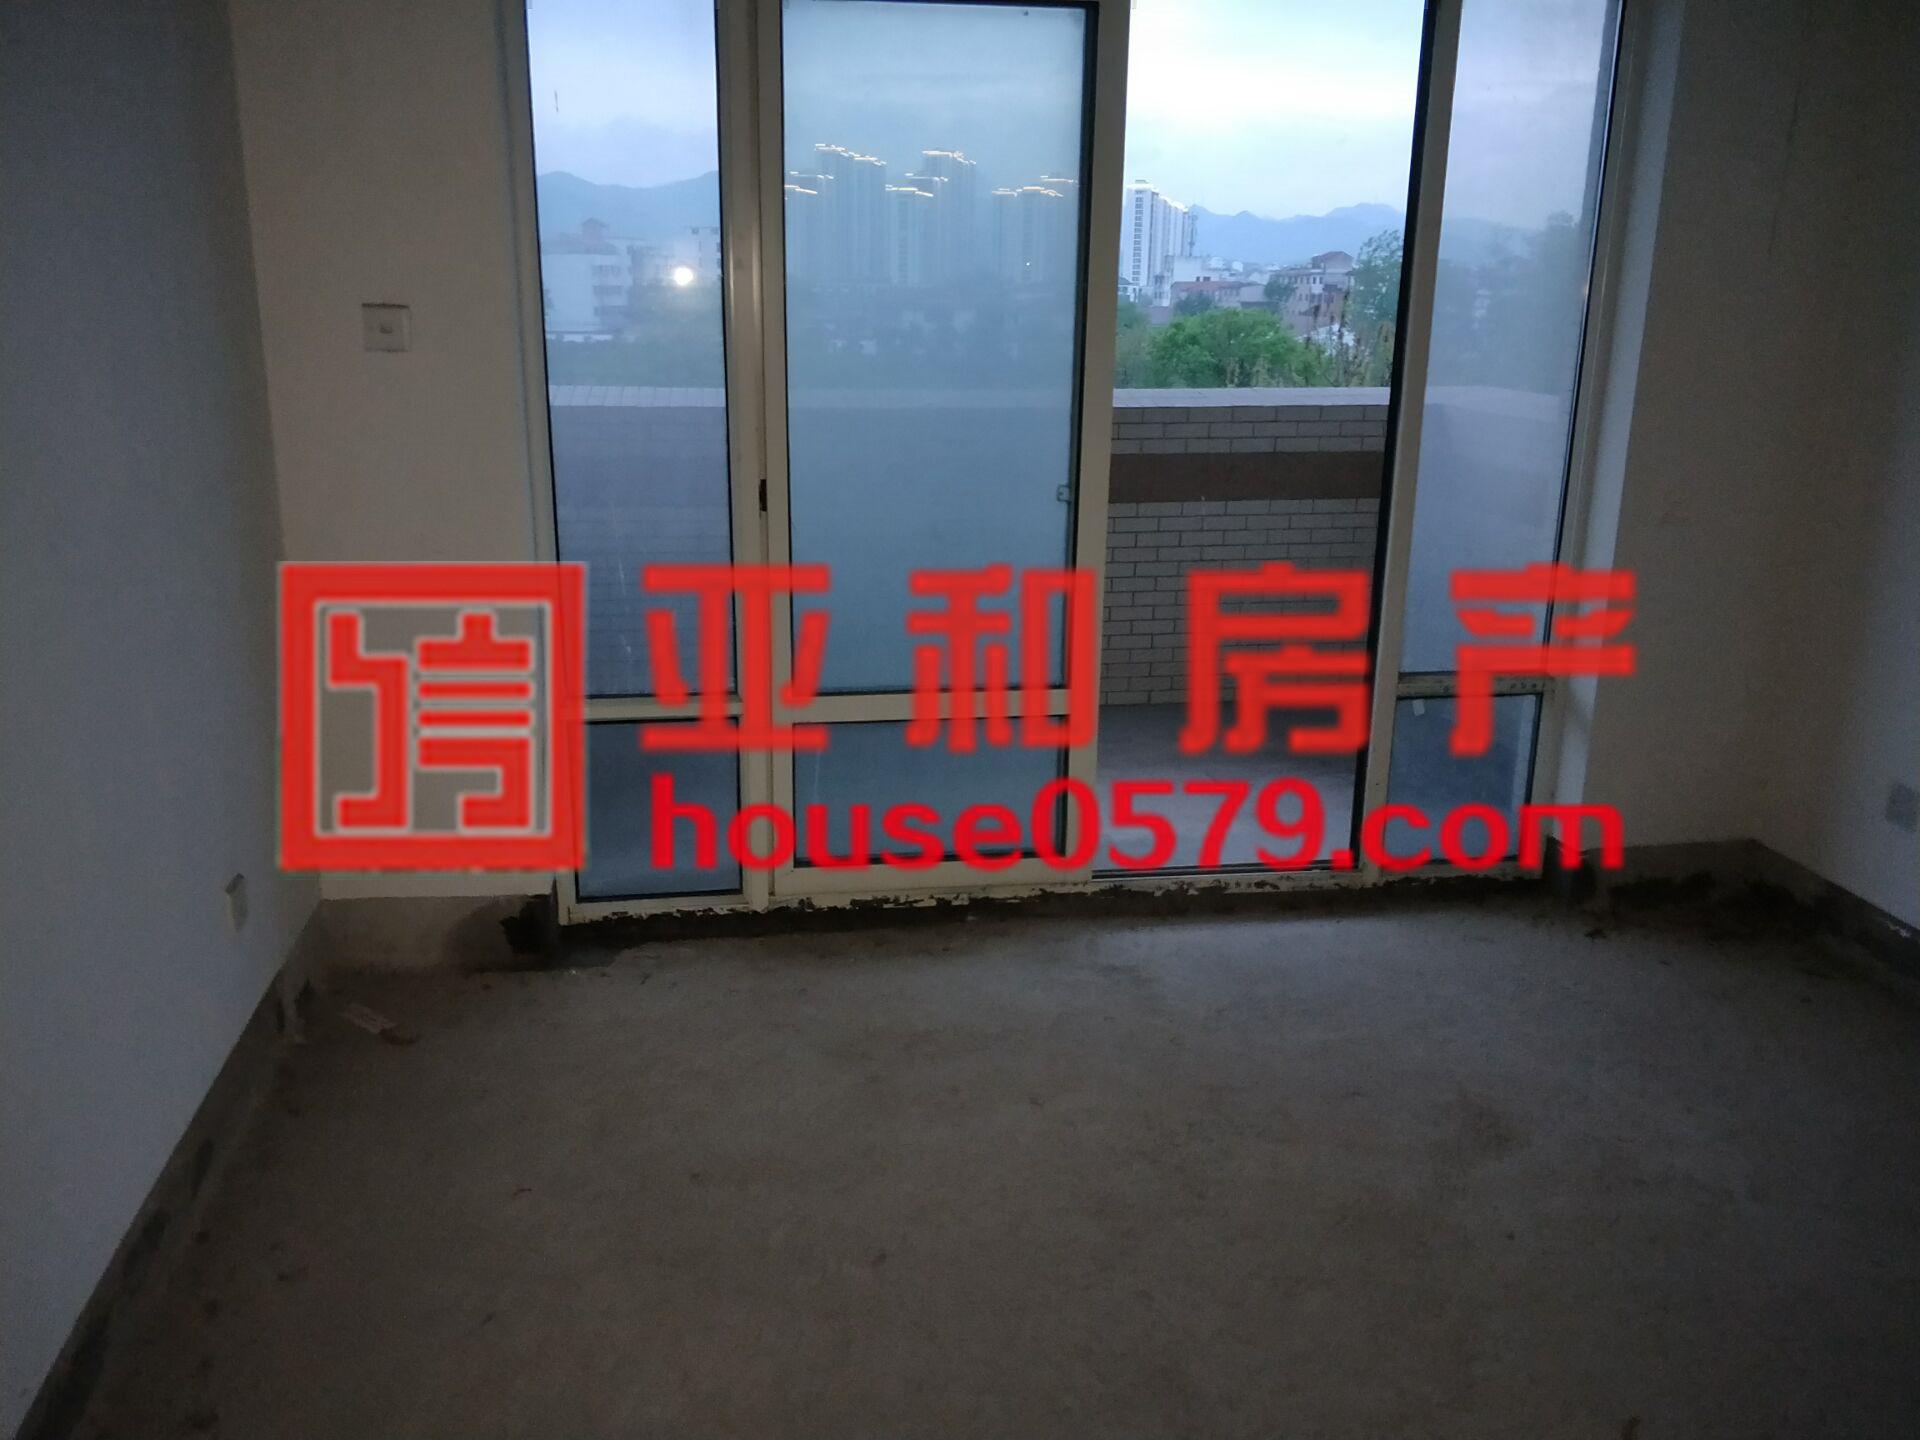 【佛堂朝阳湖畔】119.5平精品纯毛坯 产证齐全看房随时秒杀